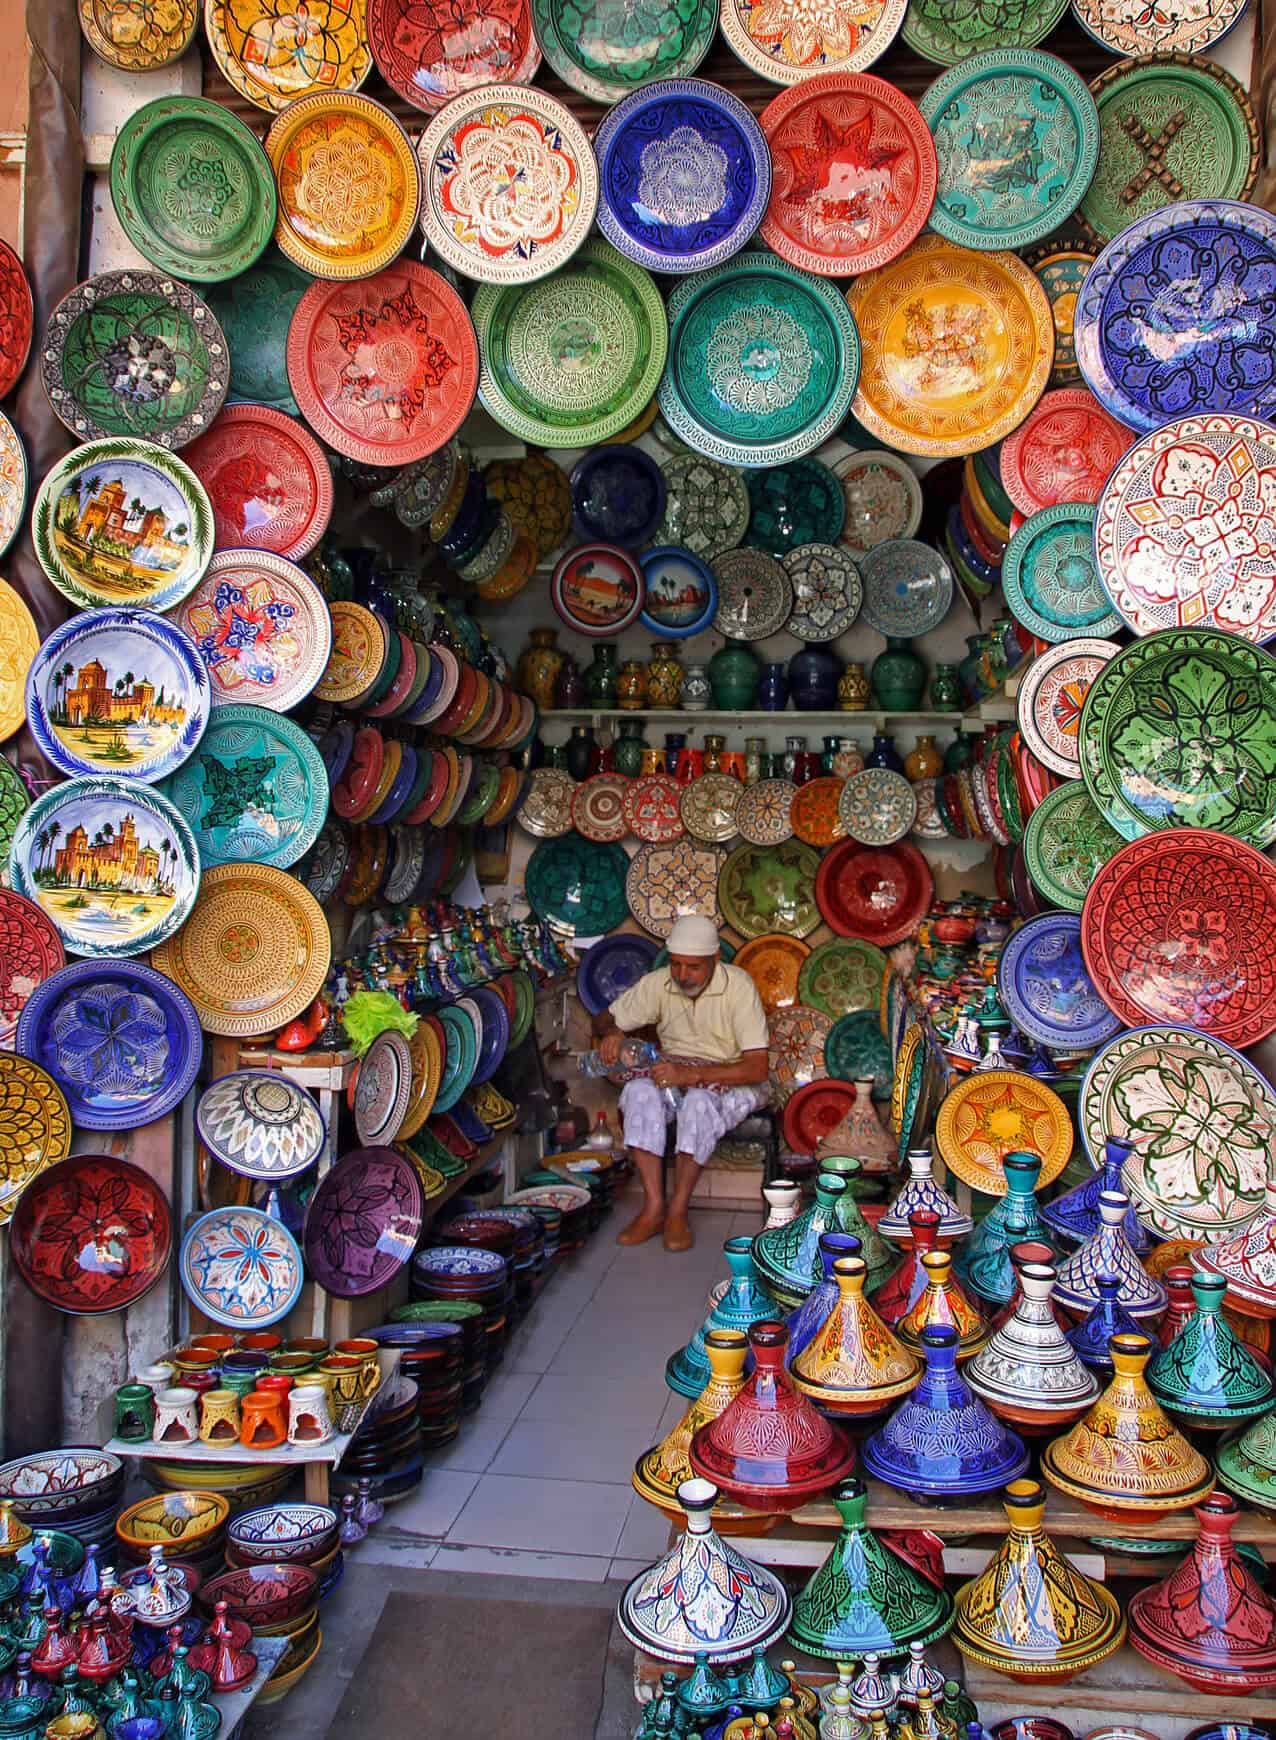 marrakech-999370_1920-edited